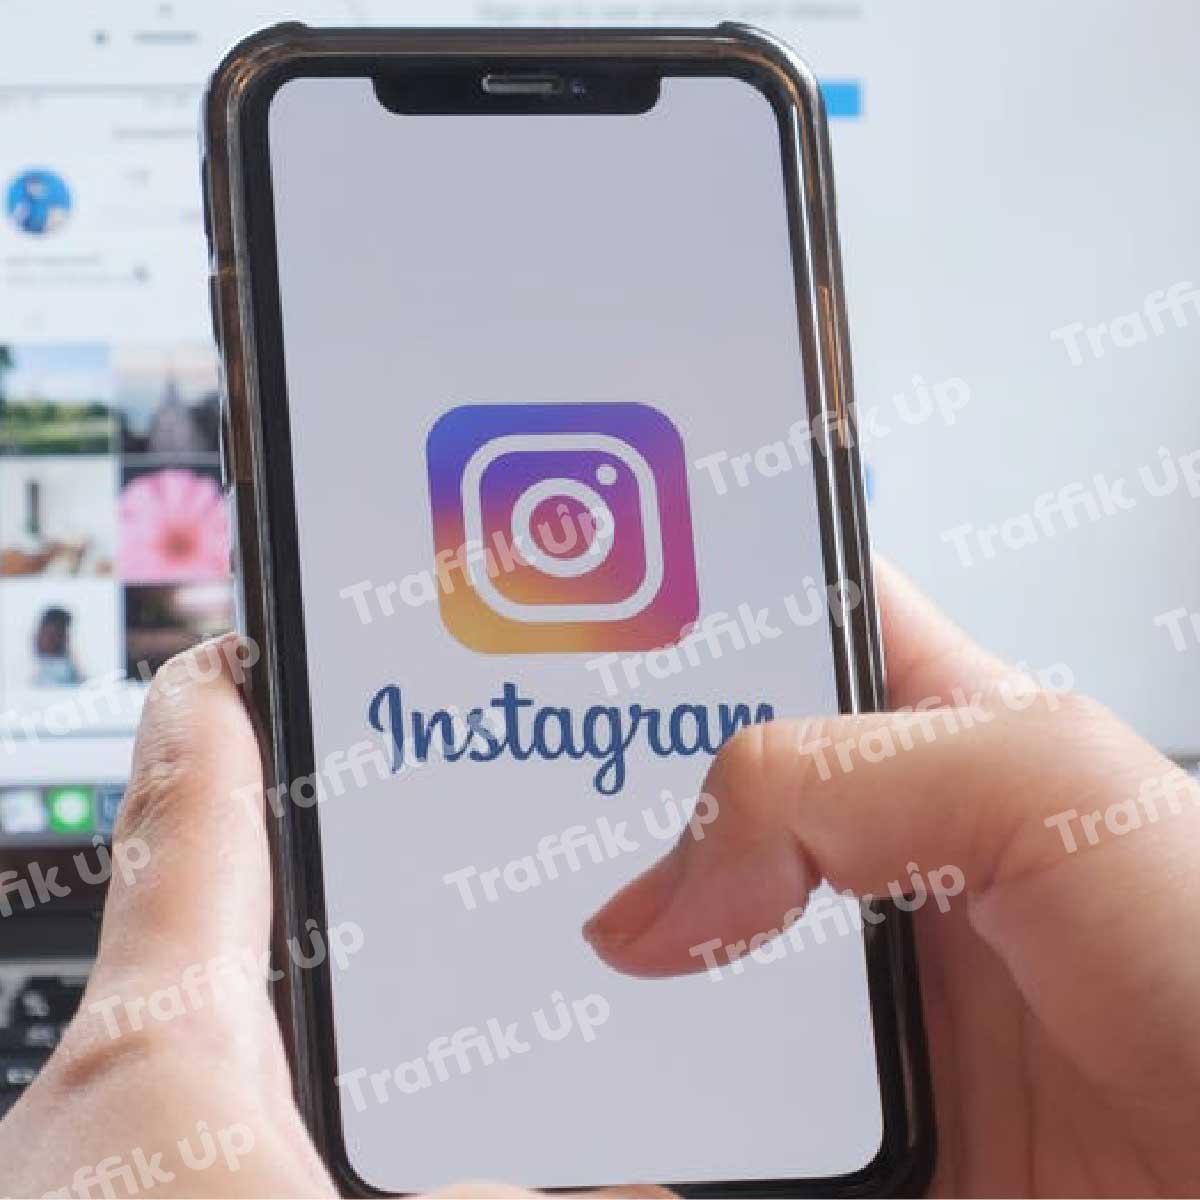 Come scoprire password Instagram, 2 metodi